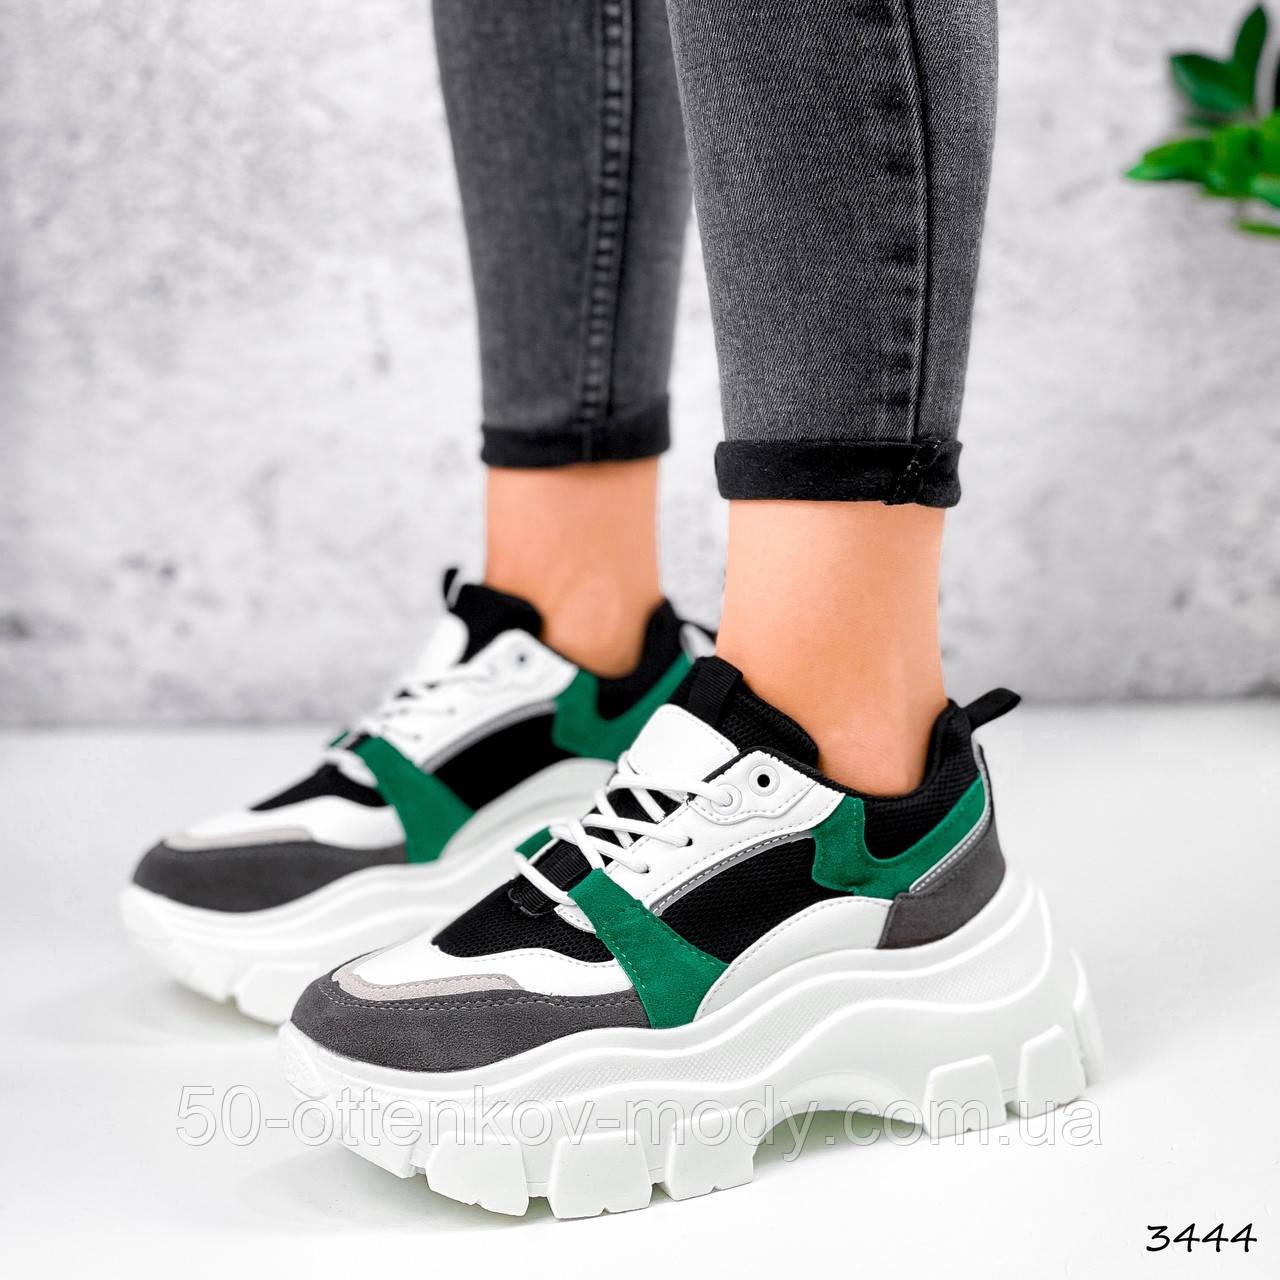 Женские кроссовки на массивной подошве 7 см зеленые